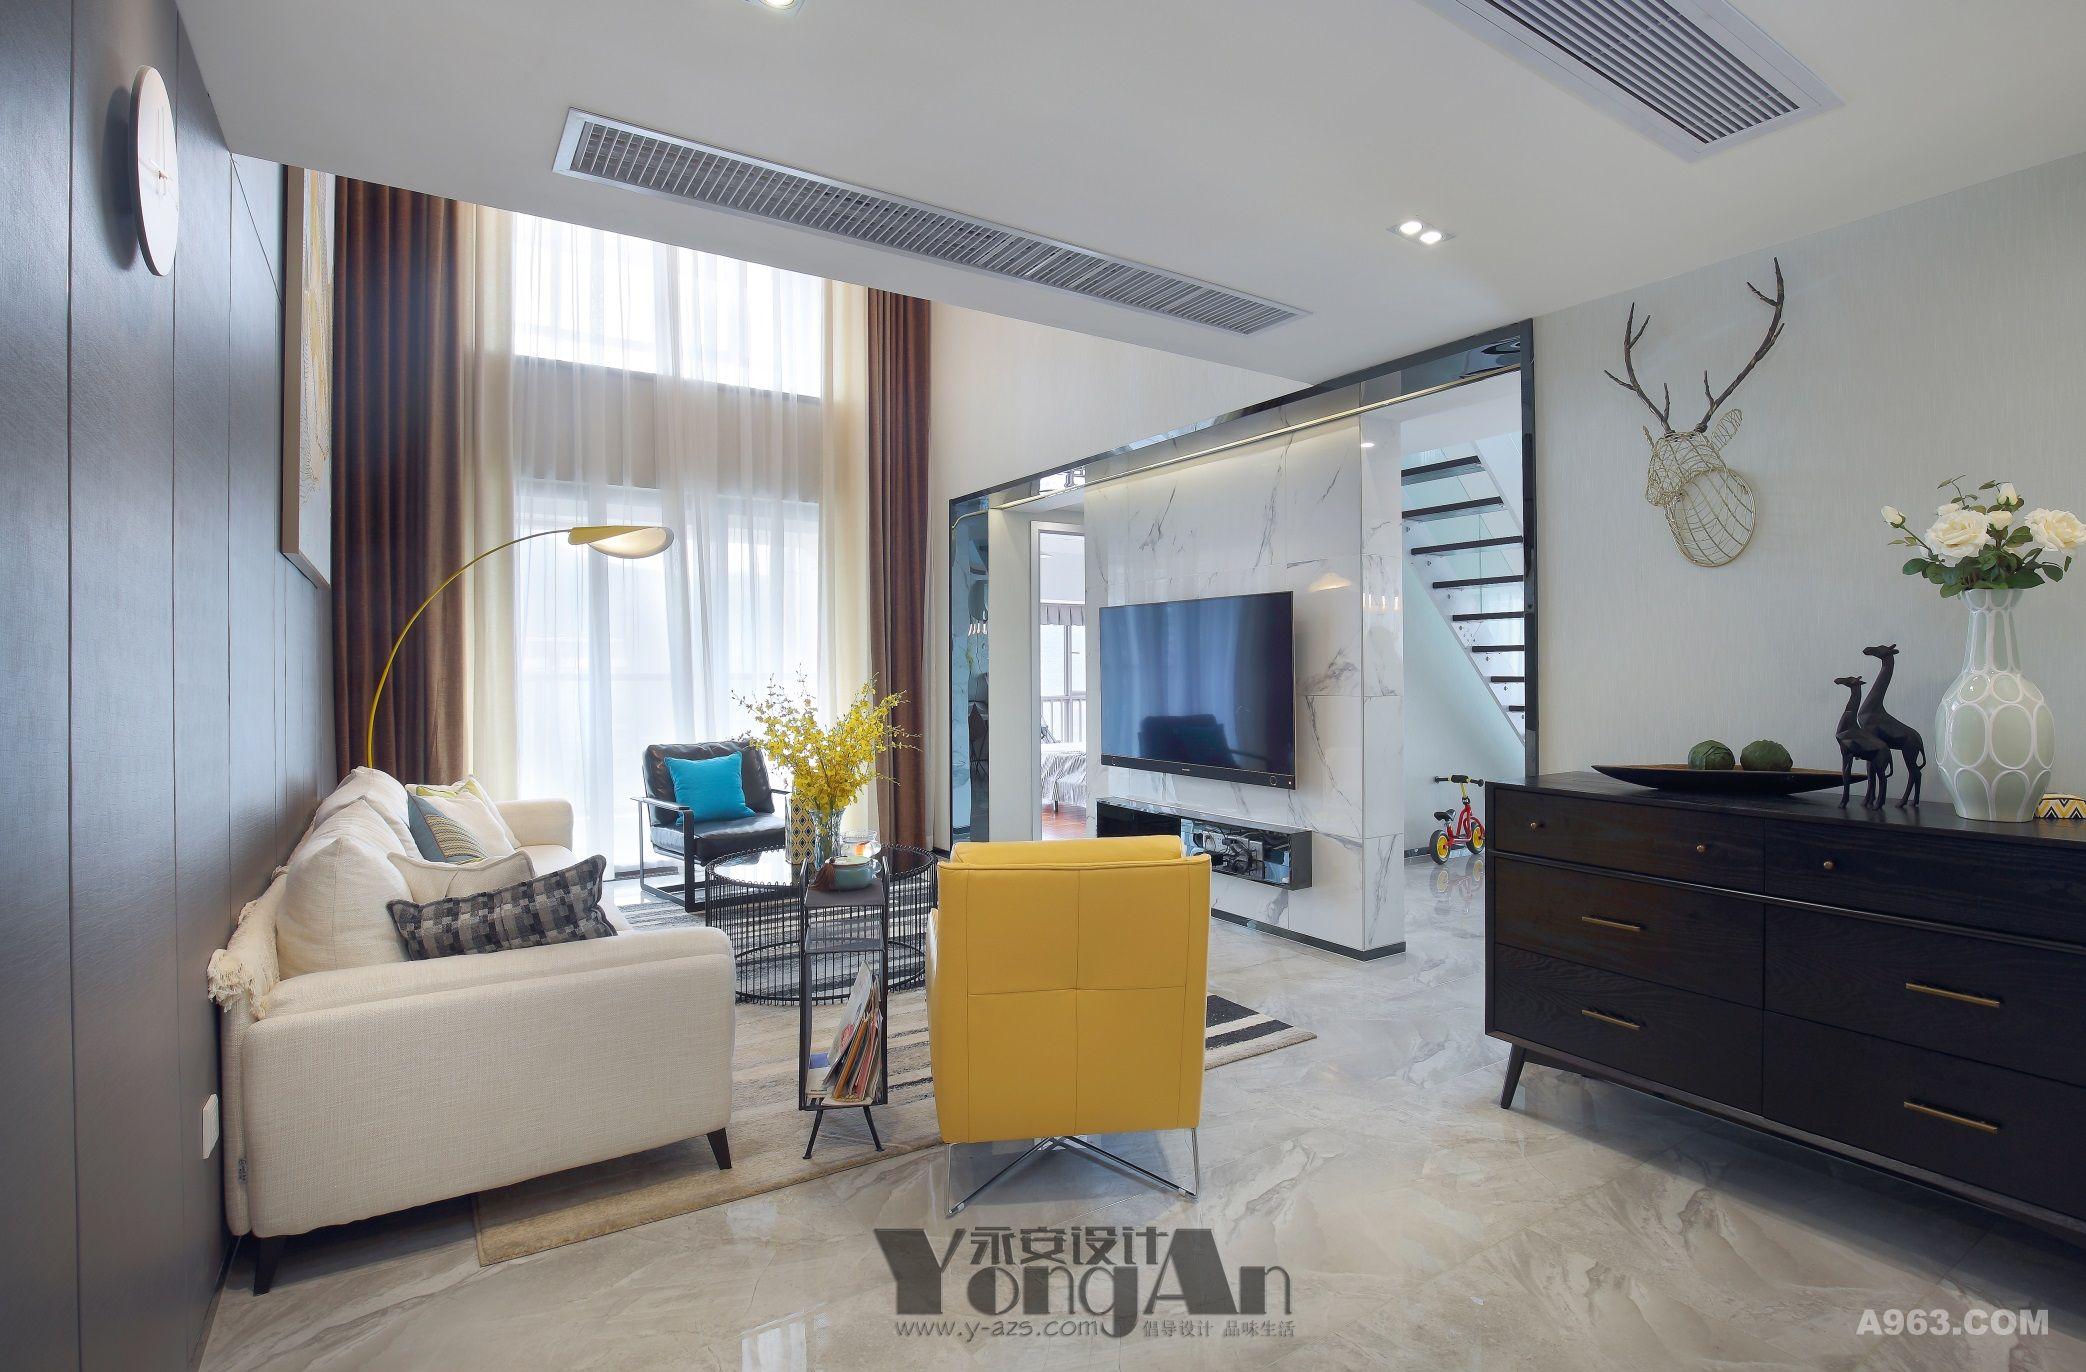 客厅:黄色的沙发,墙上的麋鹿,让淡雅的客厅活泼起来。总有那刺激你内心深处的一抹黄。